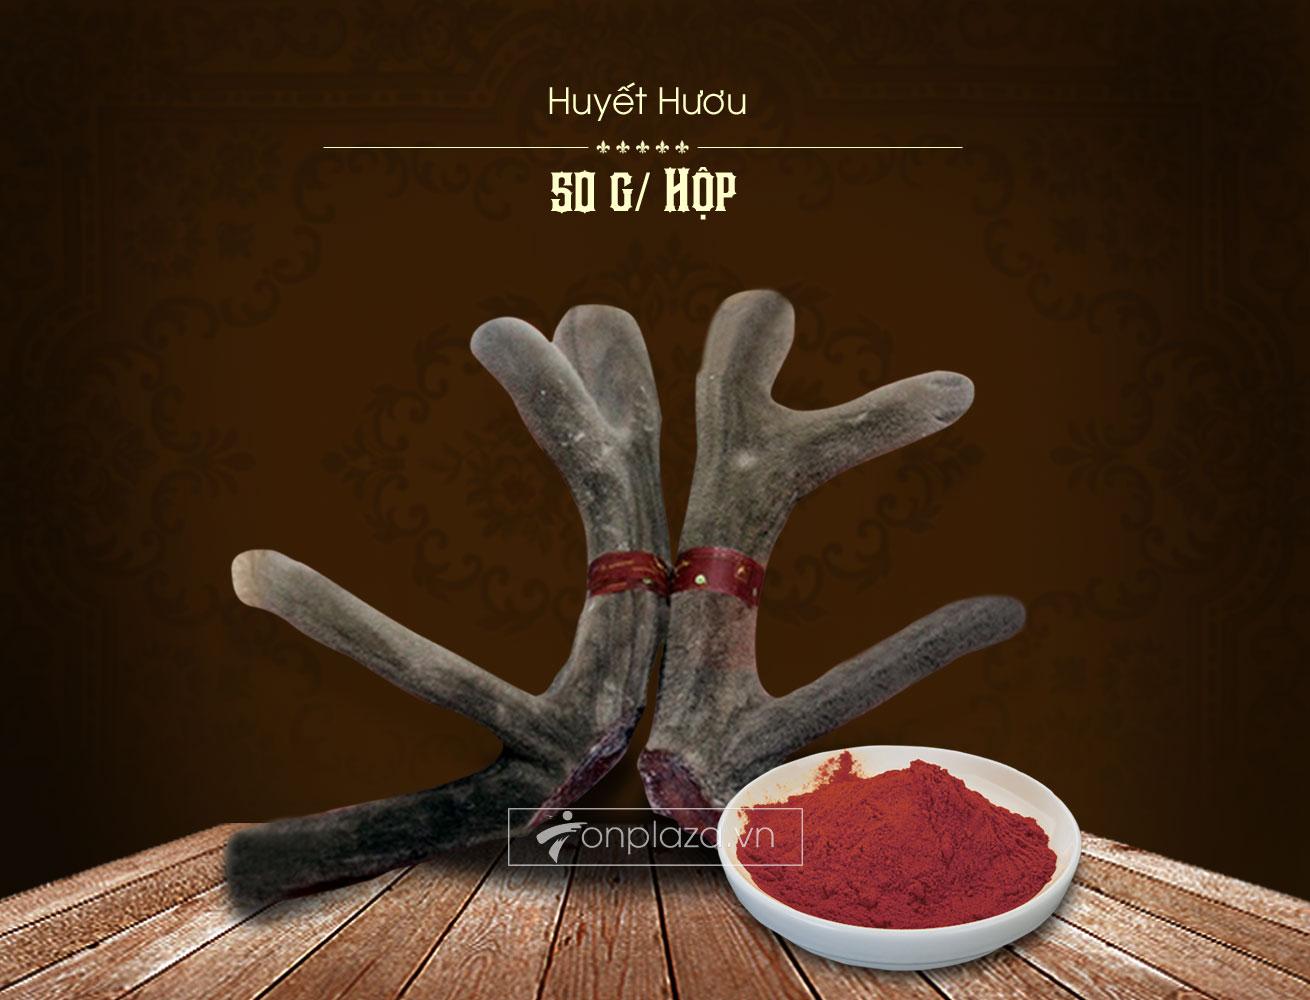 huyết hươu 50g